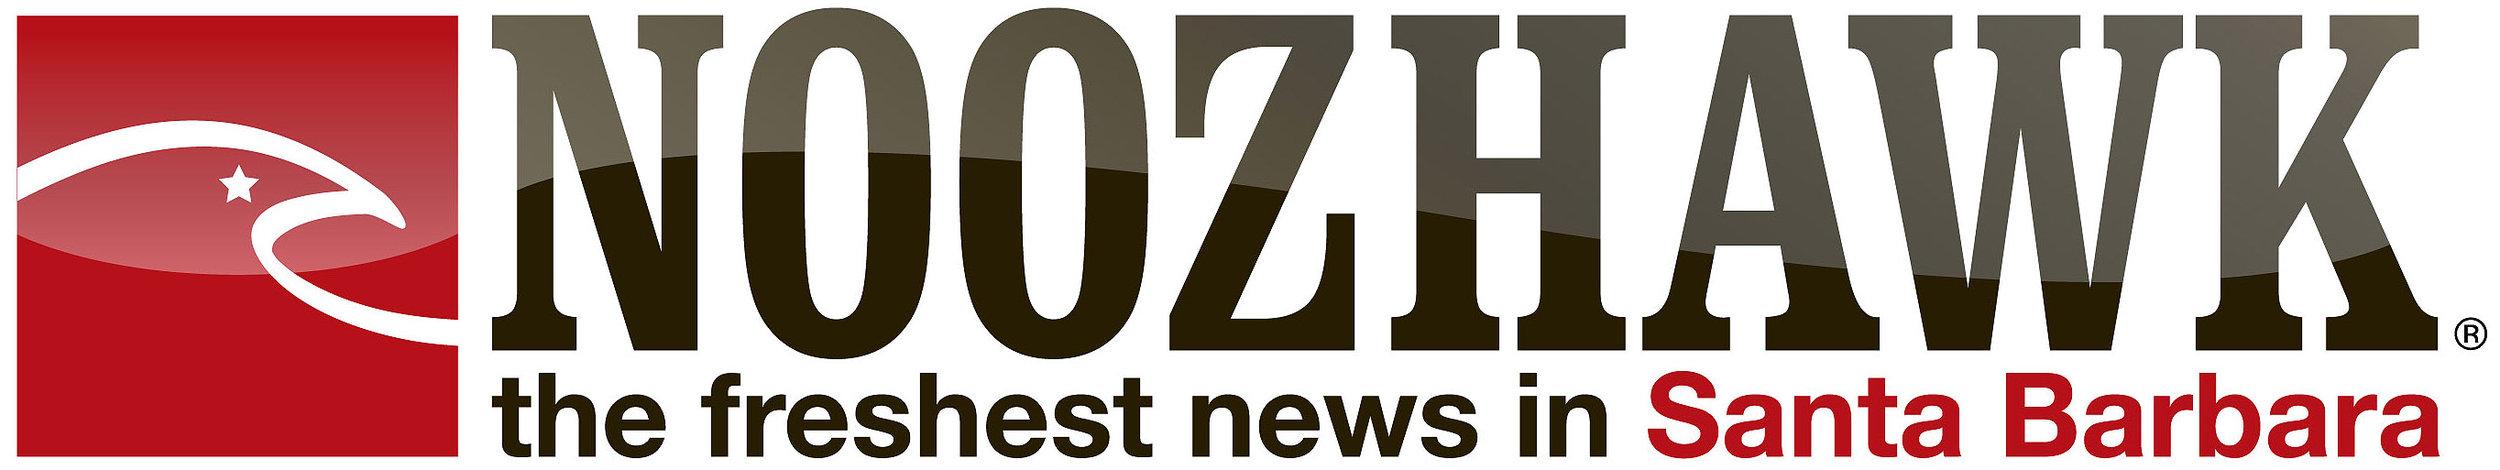 logo-Noozhawk (2) copy.jpg